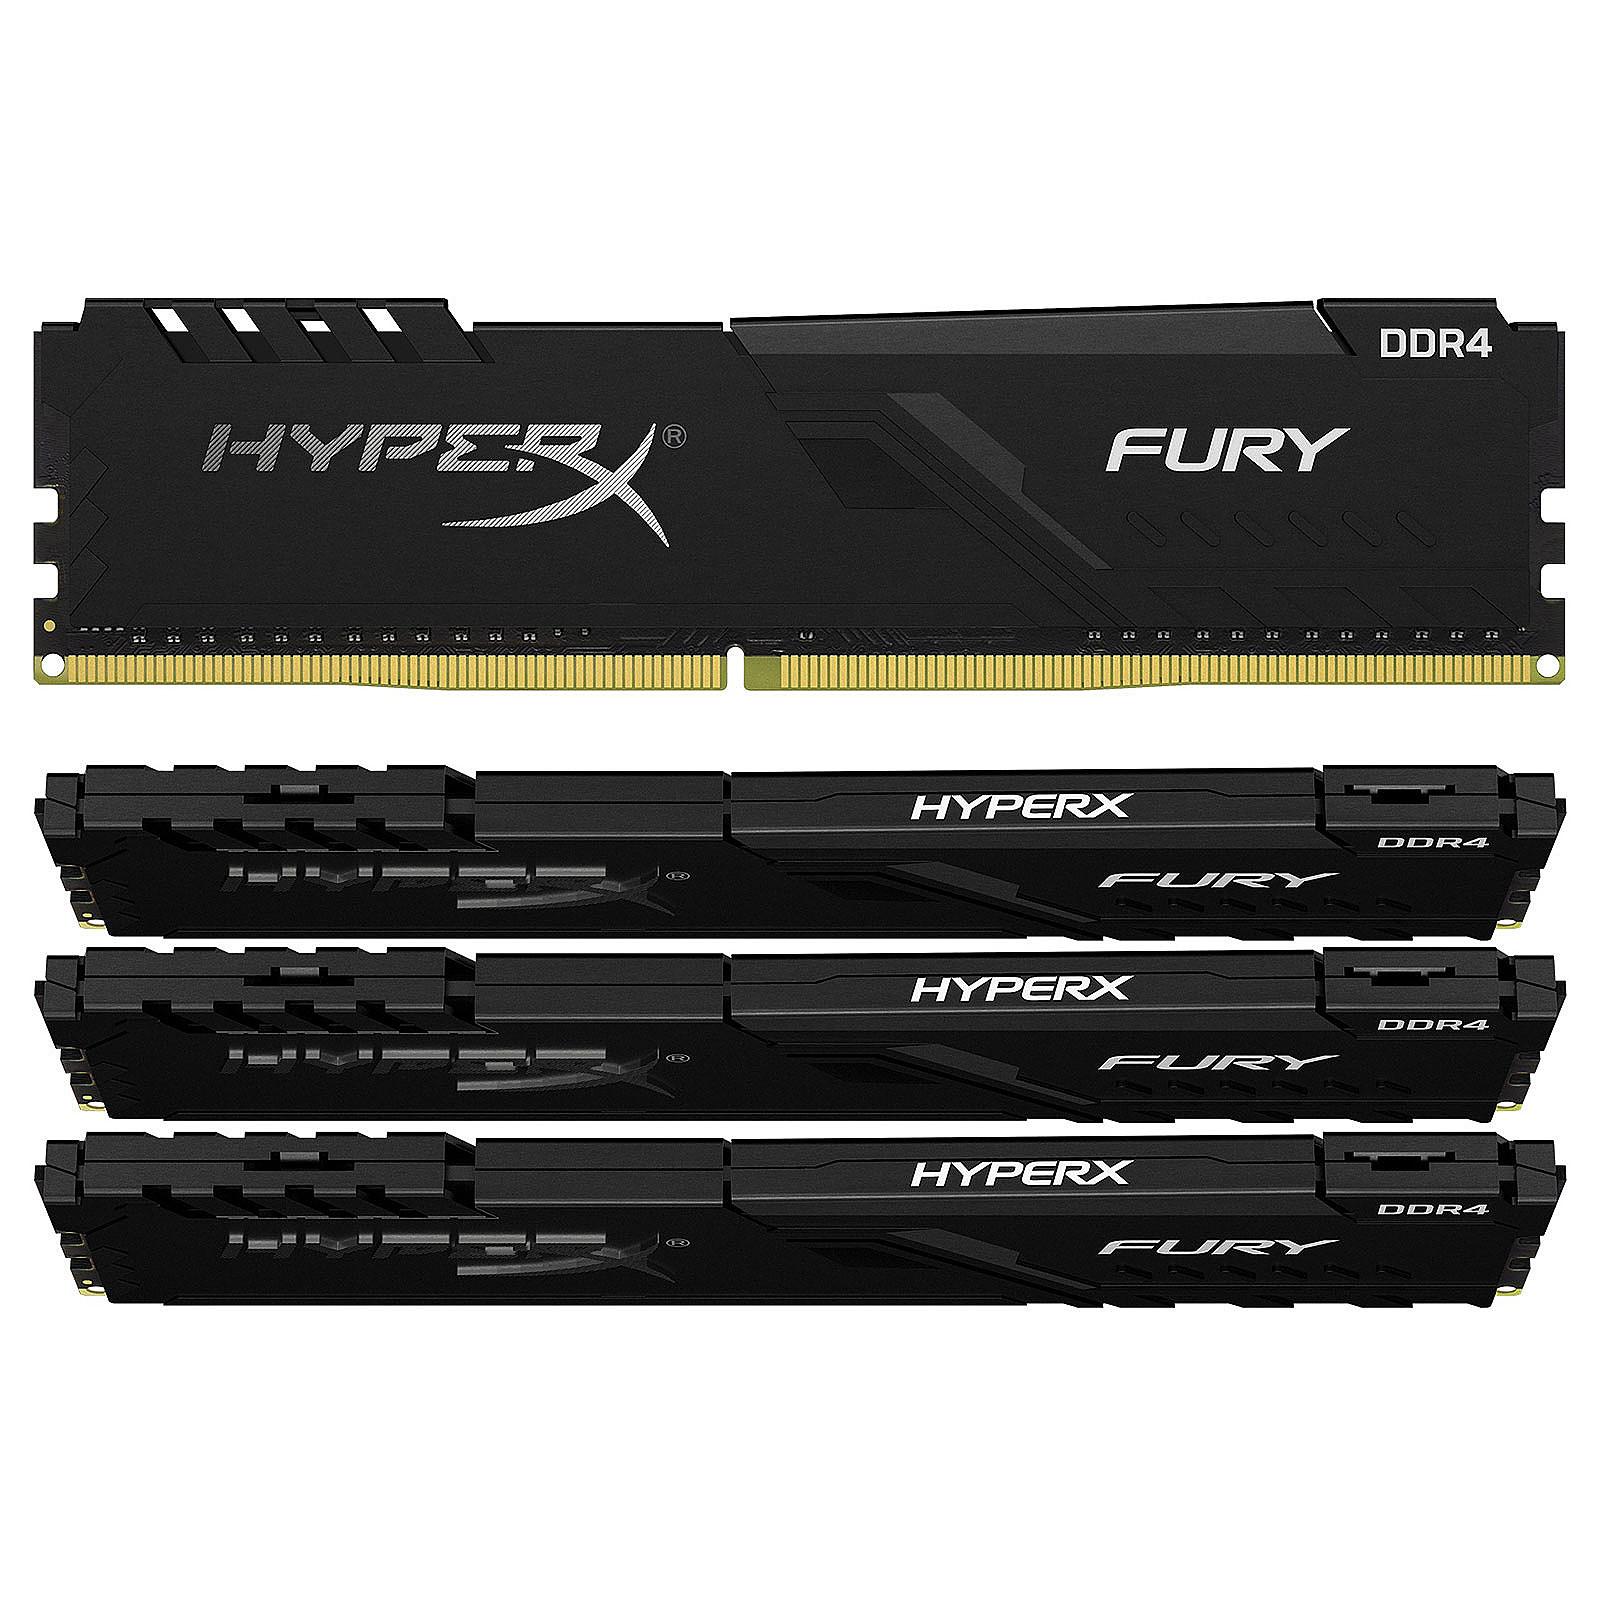 HyperX Fury 128 Go (4x 32 Go) DDR4 3200 MHz CL16